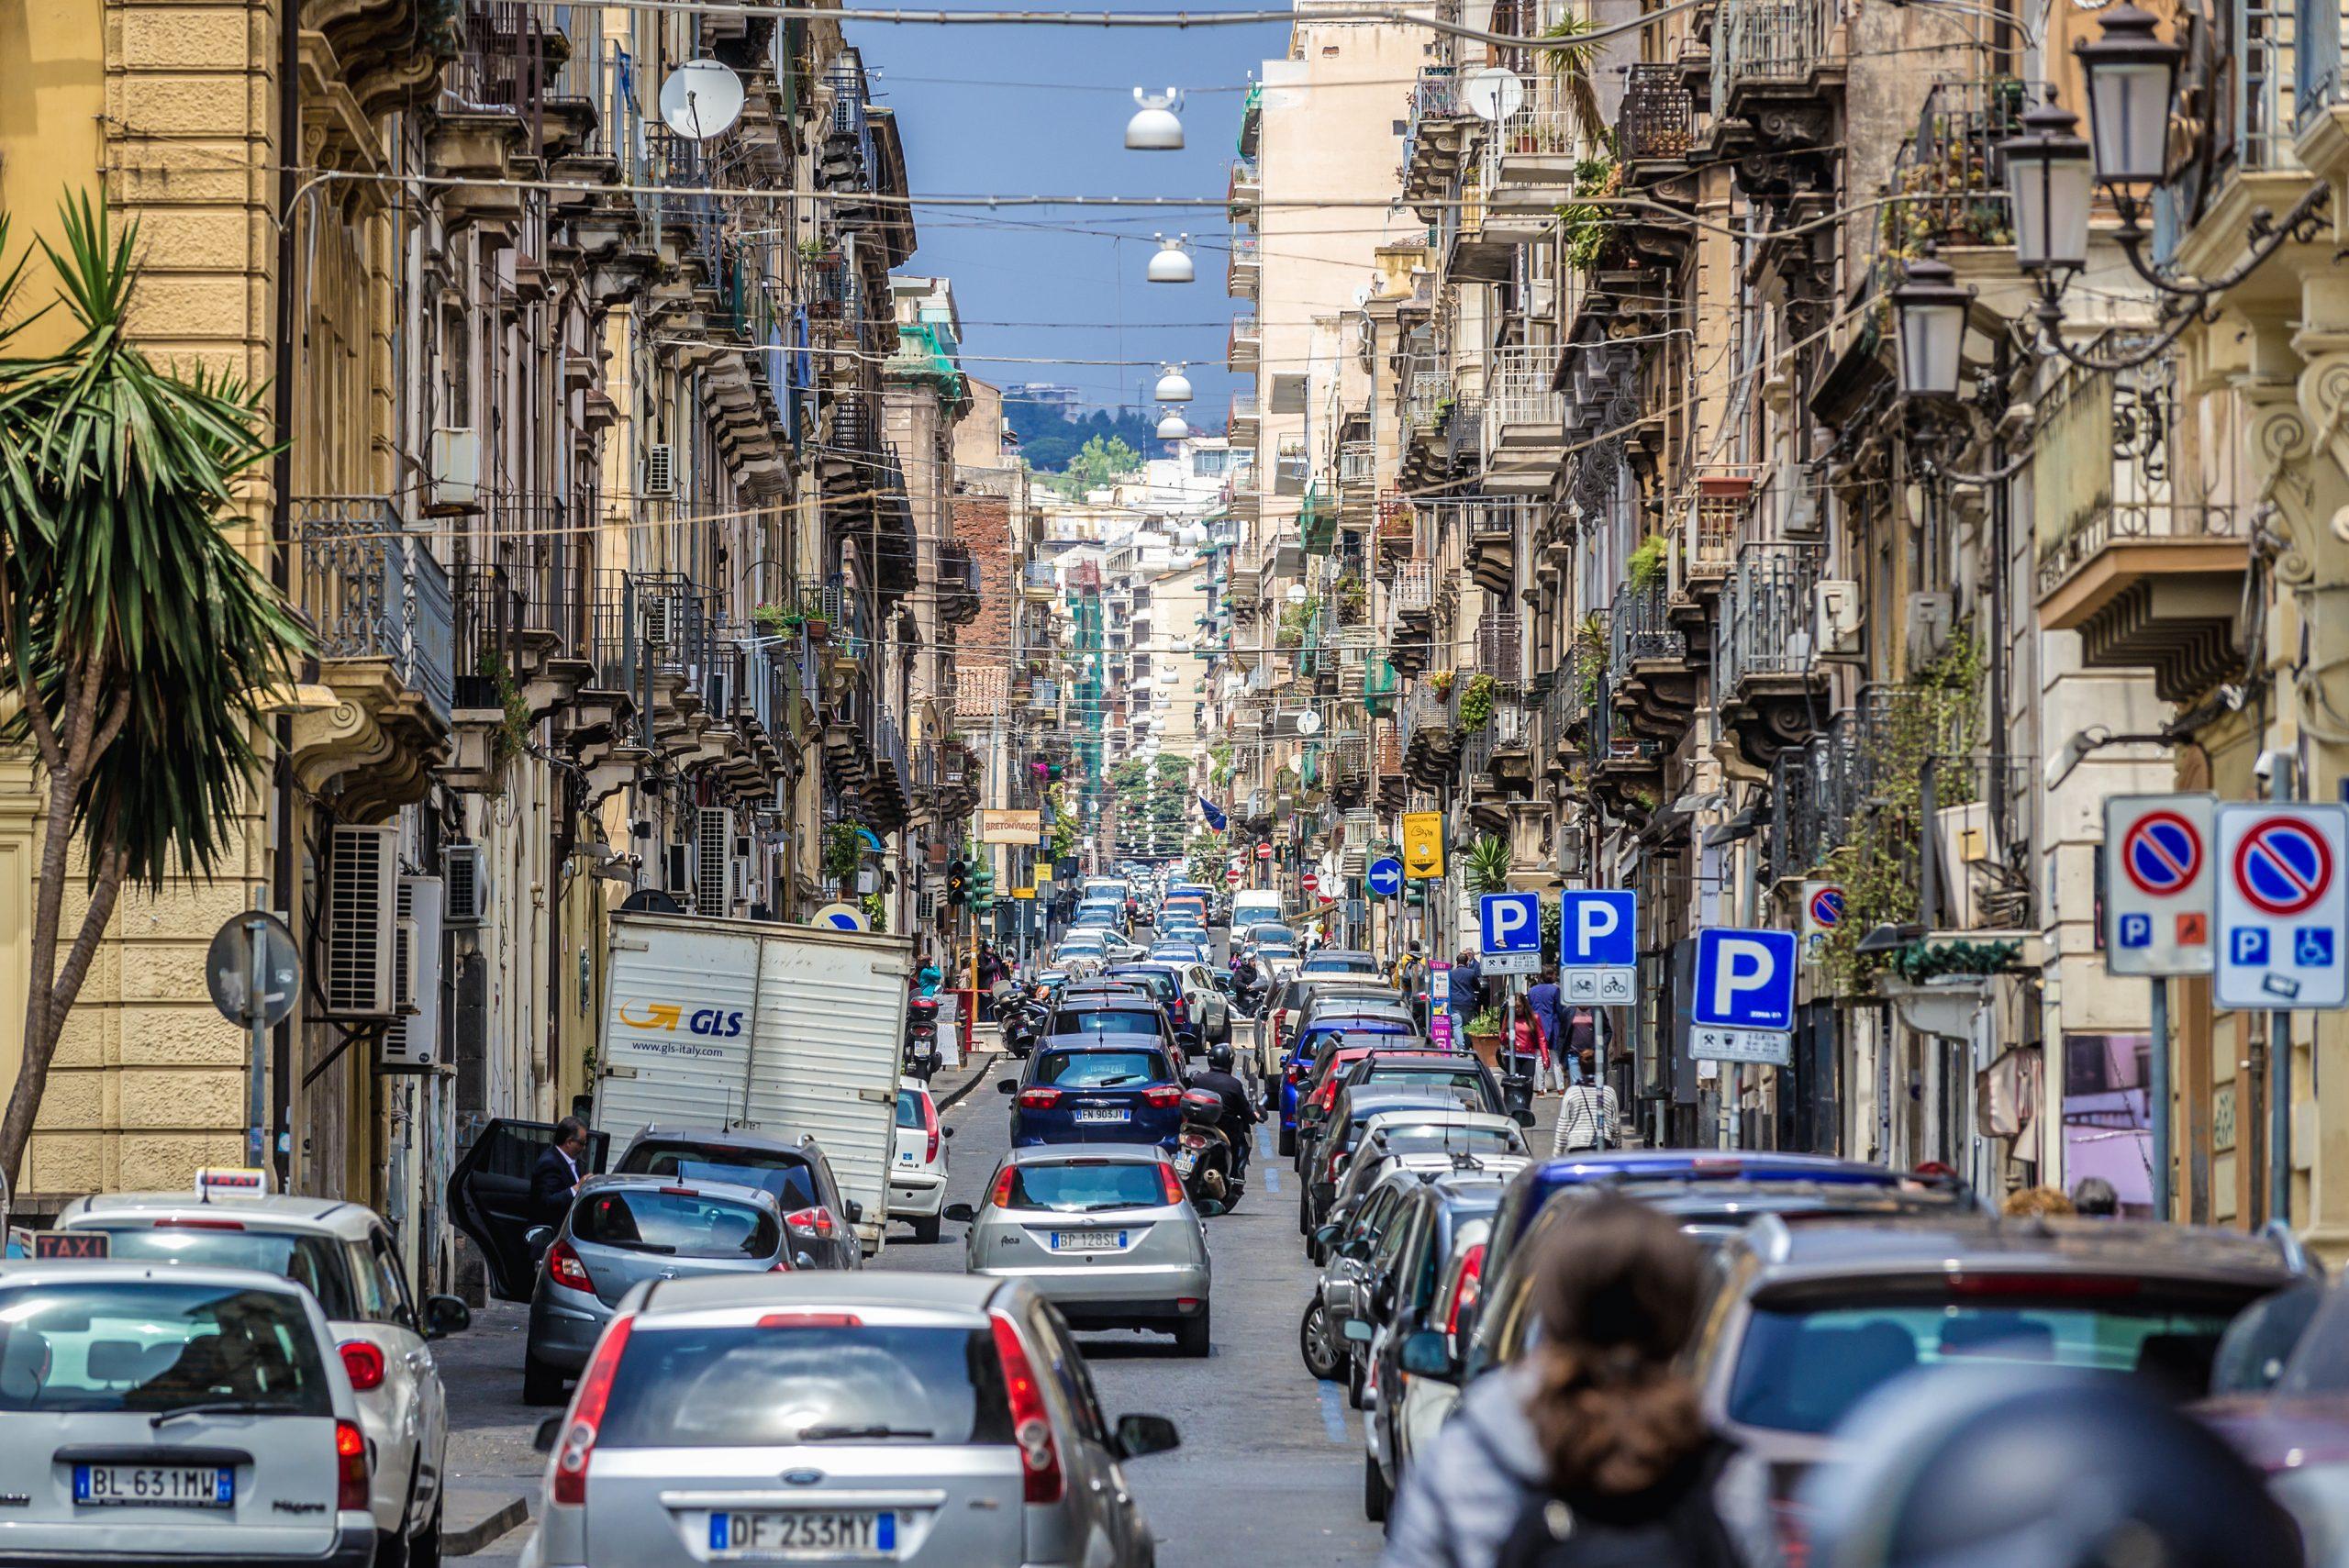 ulica pełna samochodów w Katanii na Sycylii